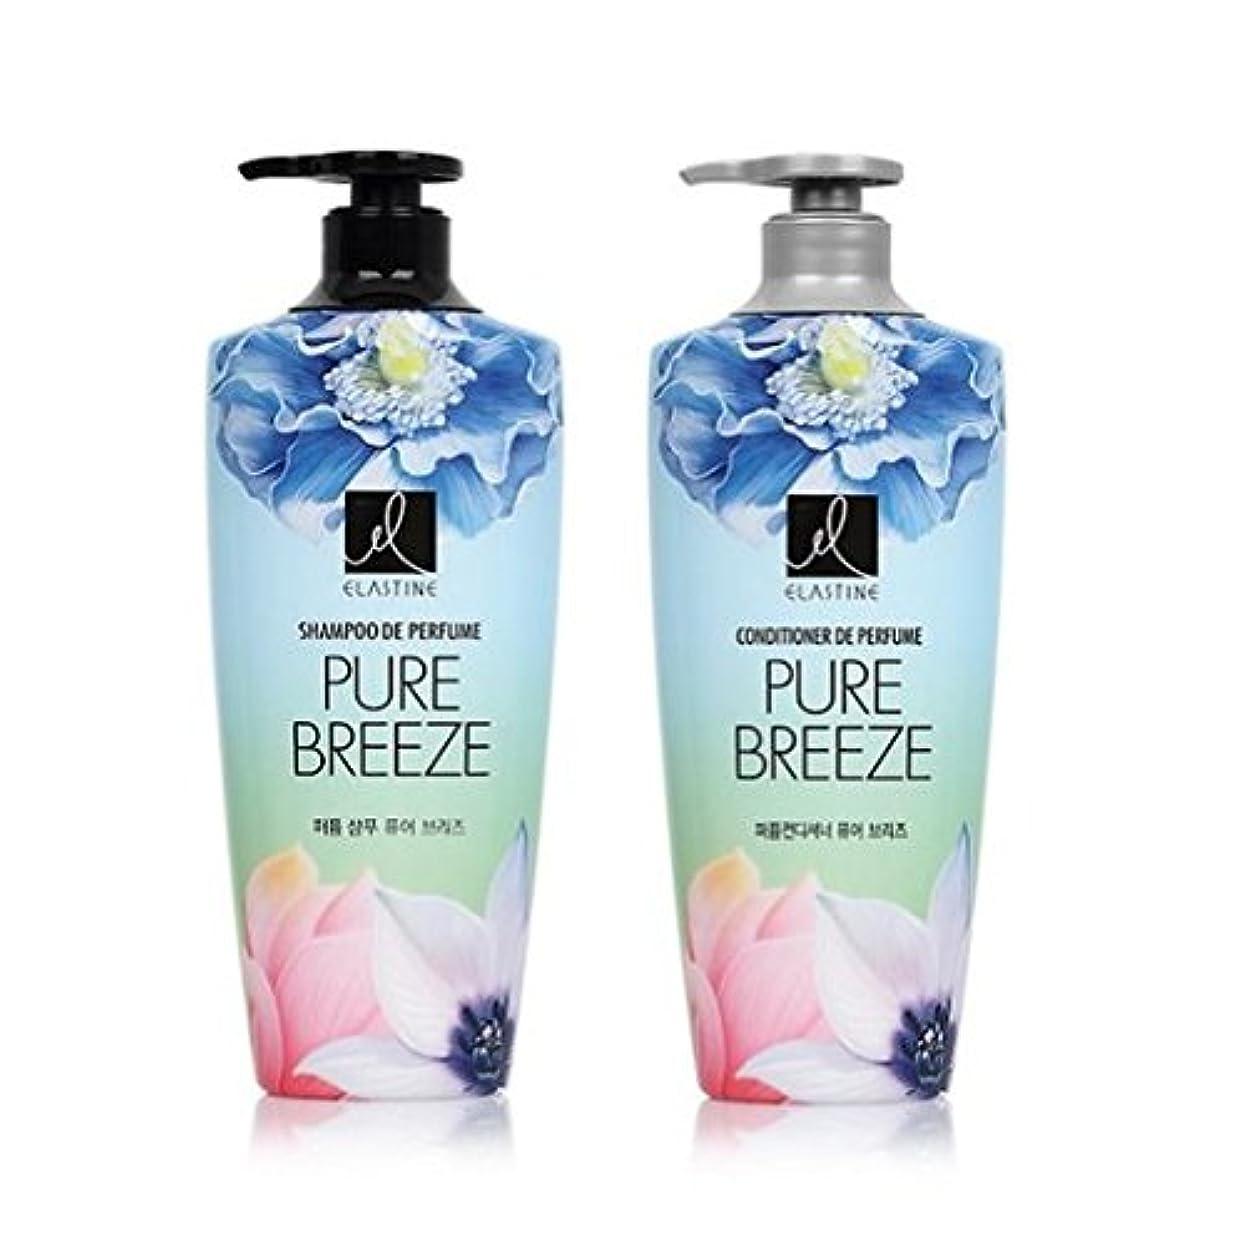 先祖ダム治安判事[エラスティン] Elastine Perfume PURE BREEZE シャンプー600ml x 2本, コンディショナー600ml x 1本 / パフュームピュアブリーズ [並行輸入品]